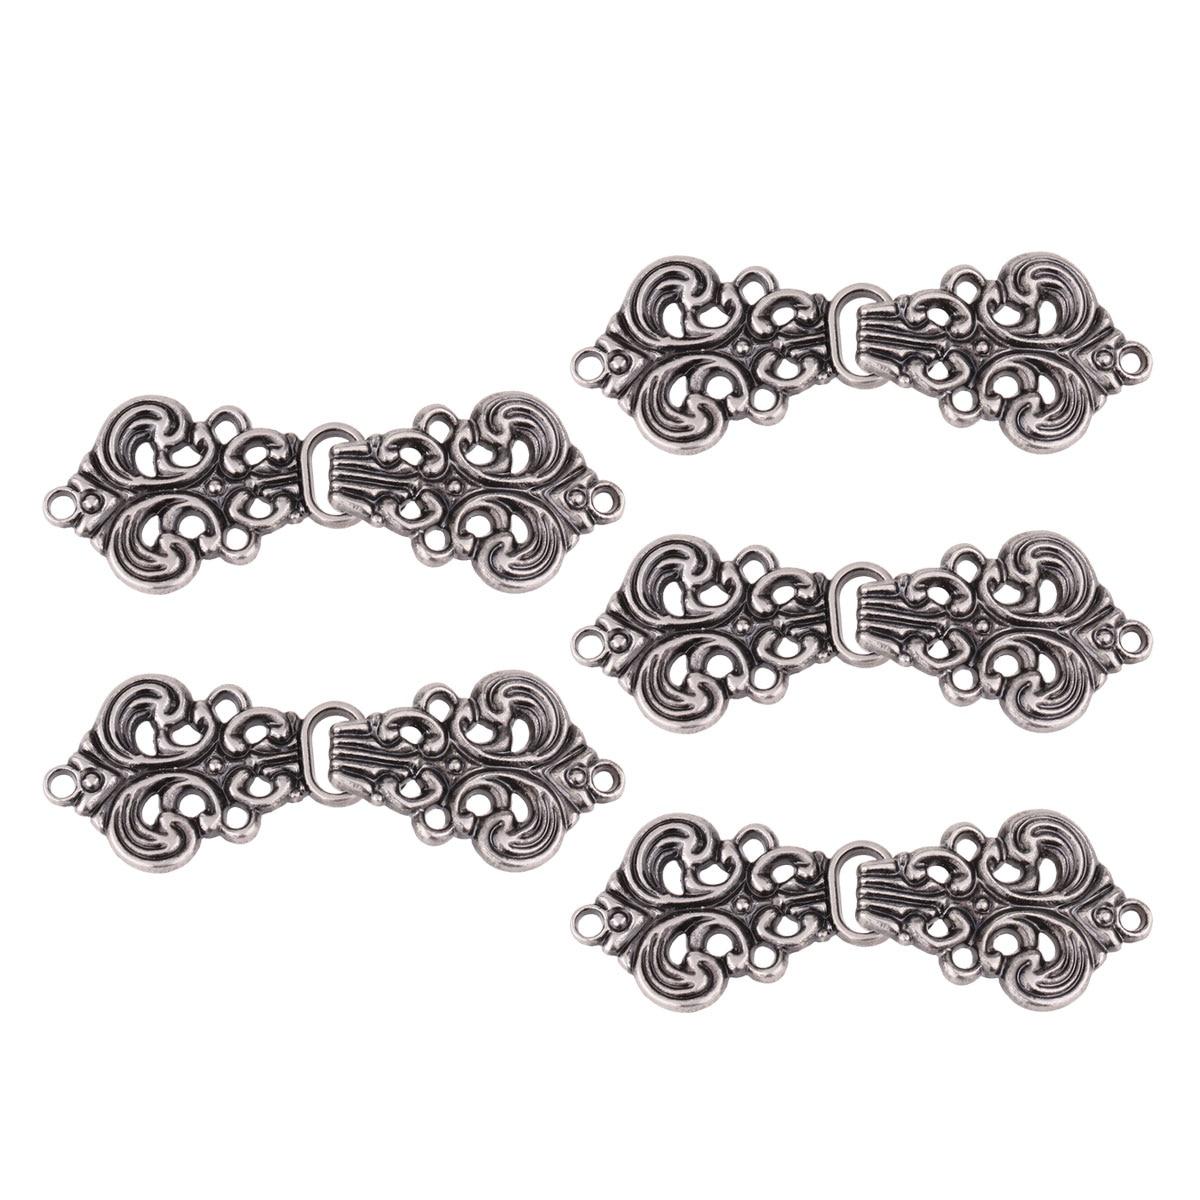 11x8mm Noir trouver-a5599 100 Pièces S Crochet en Alliage fermoirs